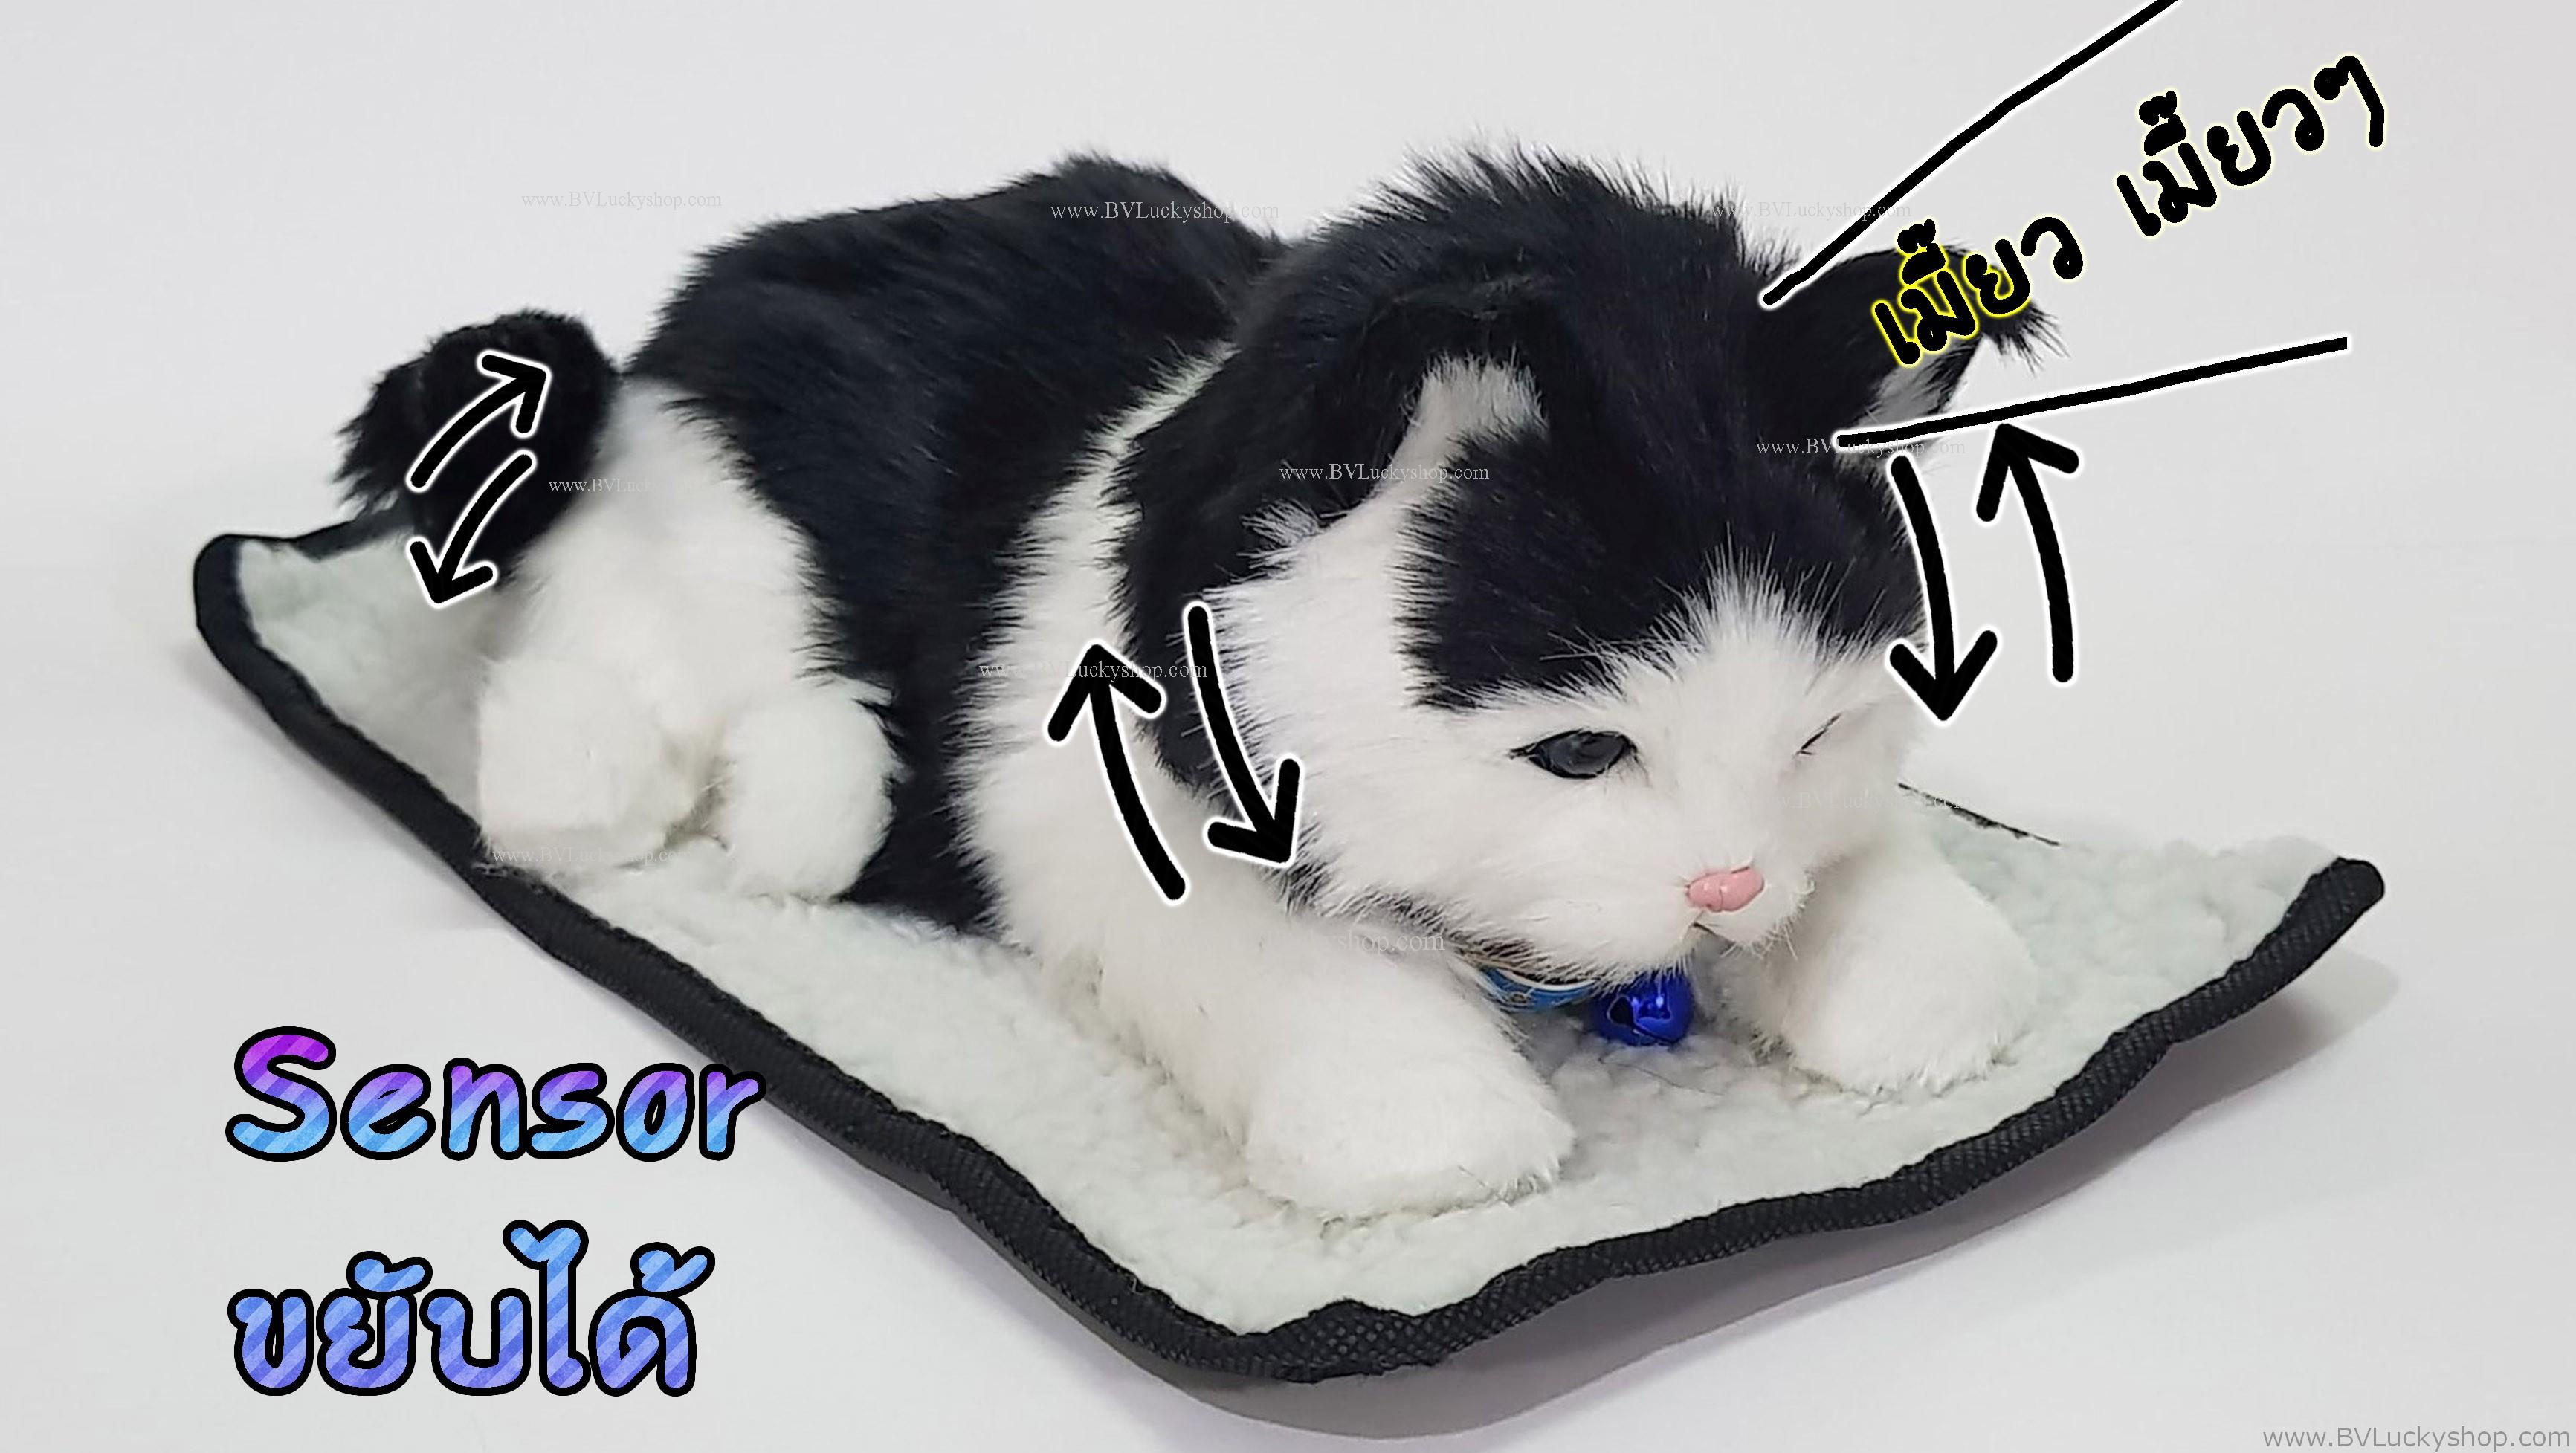 ตุ๊กตาแมว เซ็นเซอร์จับมือผ่าน แล้วส่วนหัวและหางจะเคลื่อนไหว และมีเสียงร้องเมี้ยวด้วย [Cat-SS5]